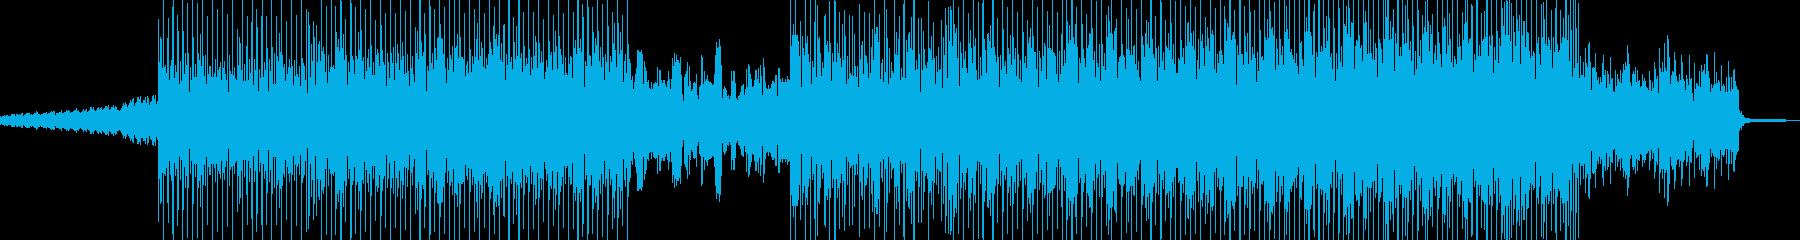 電脳世界・空想科学的なテクノの再生済みの波形